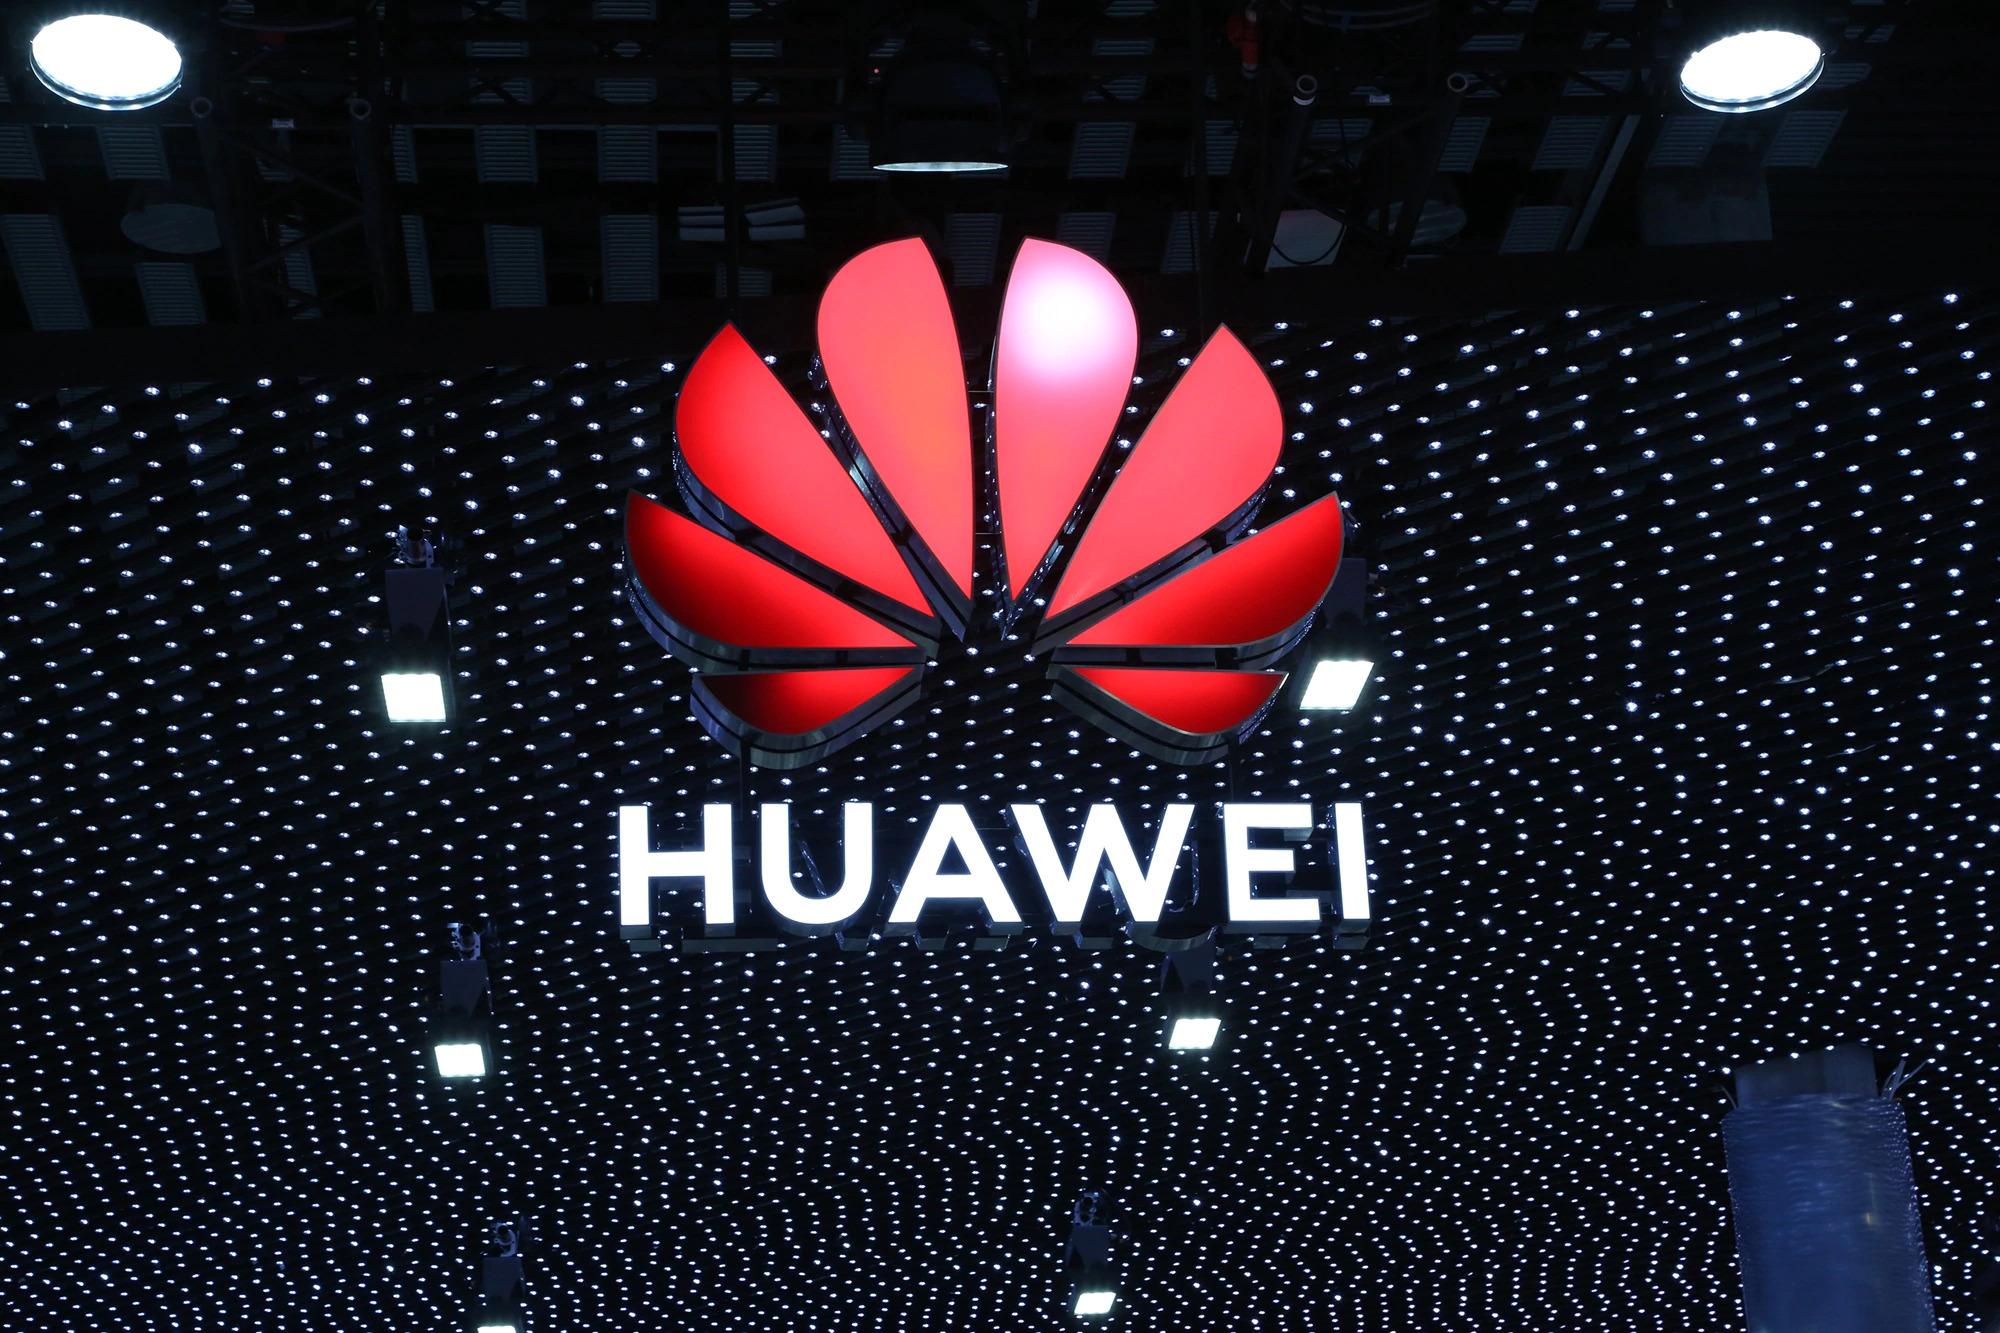 Huawei letos plánuje vstoupit na trh s elektromobily